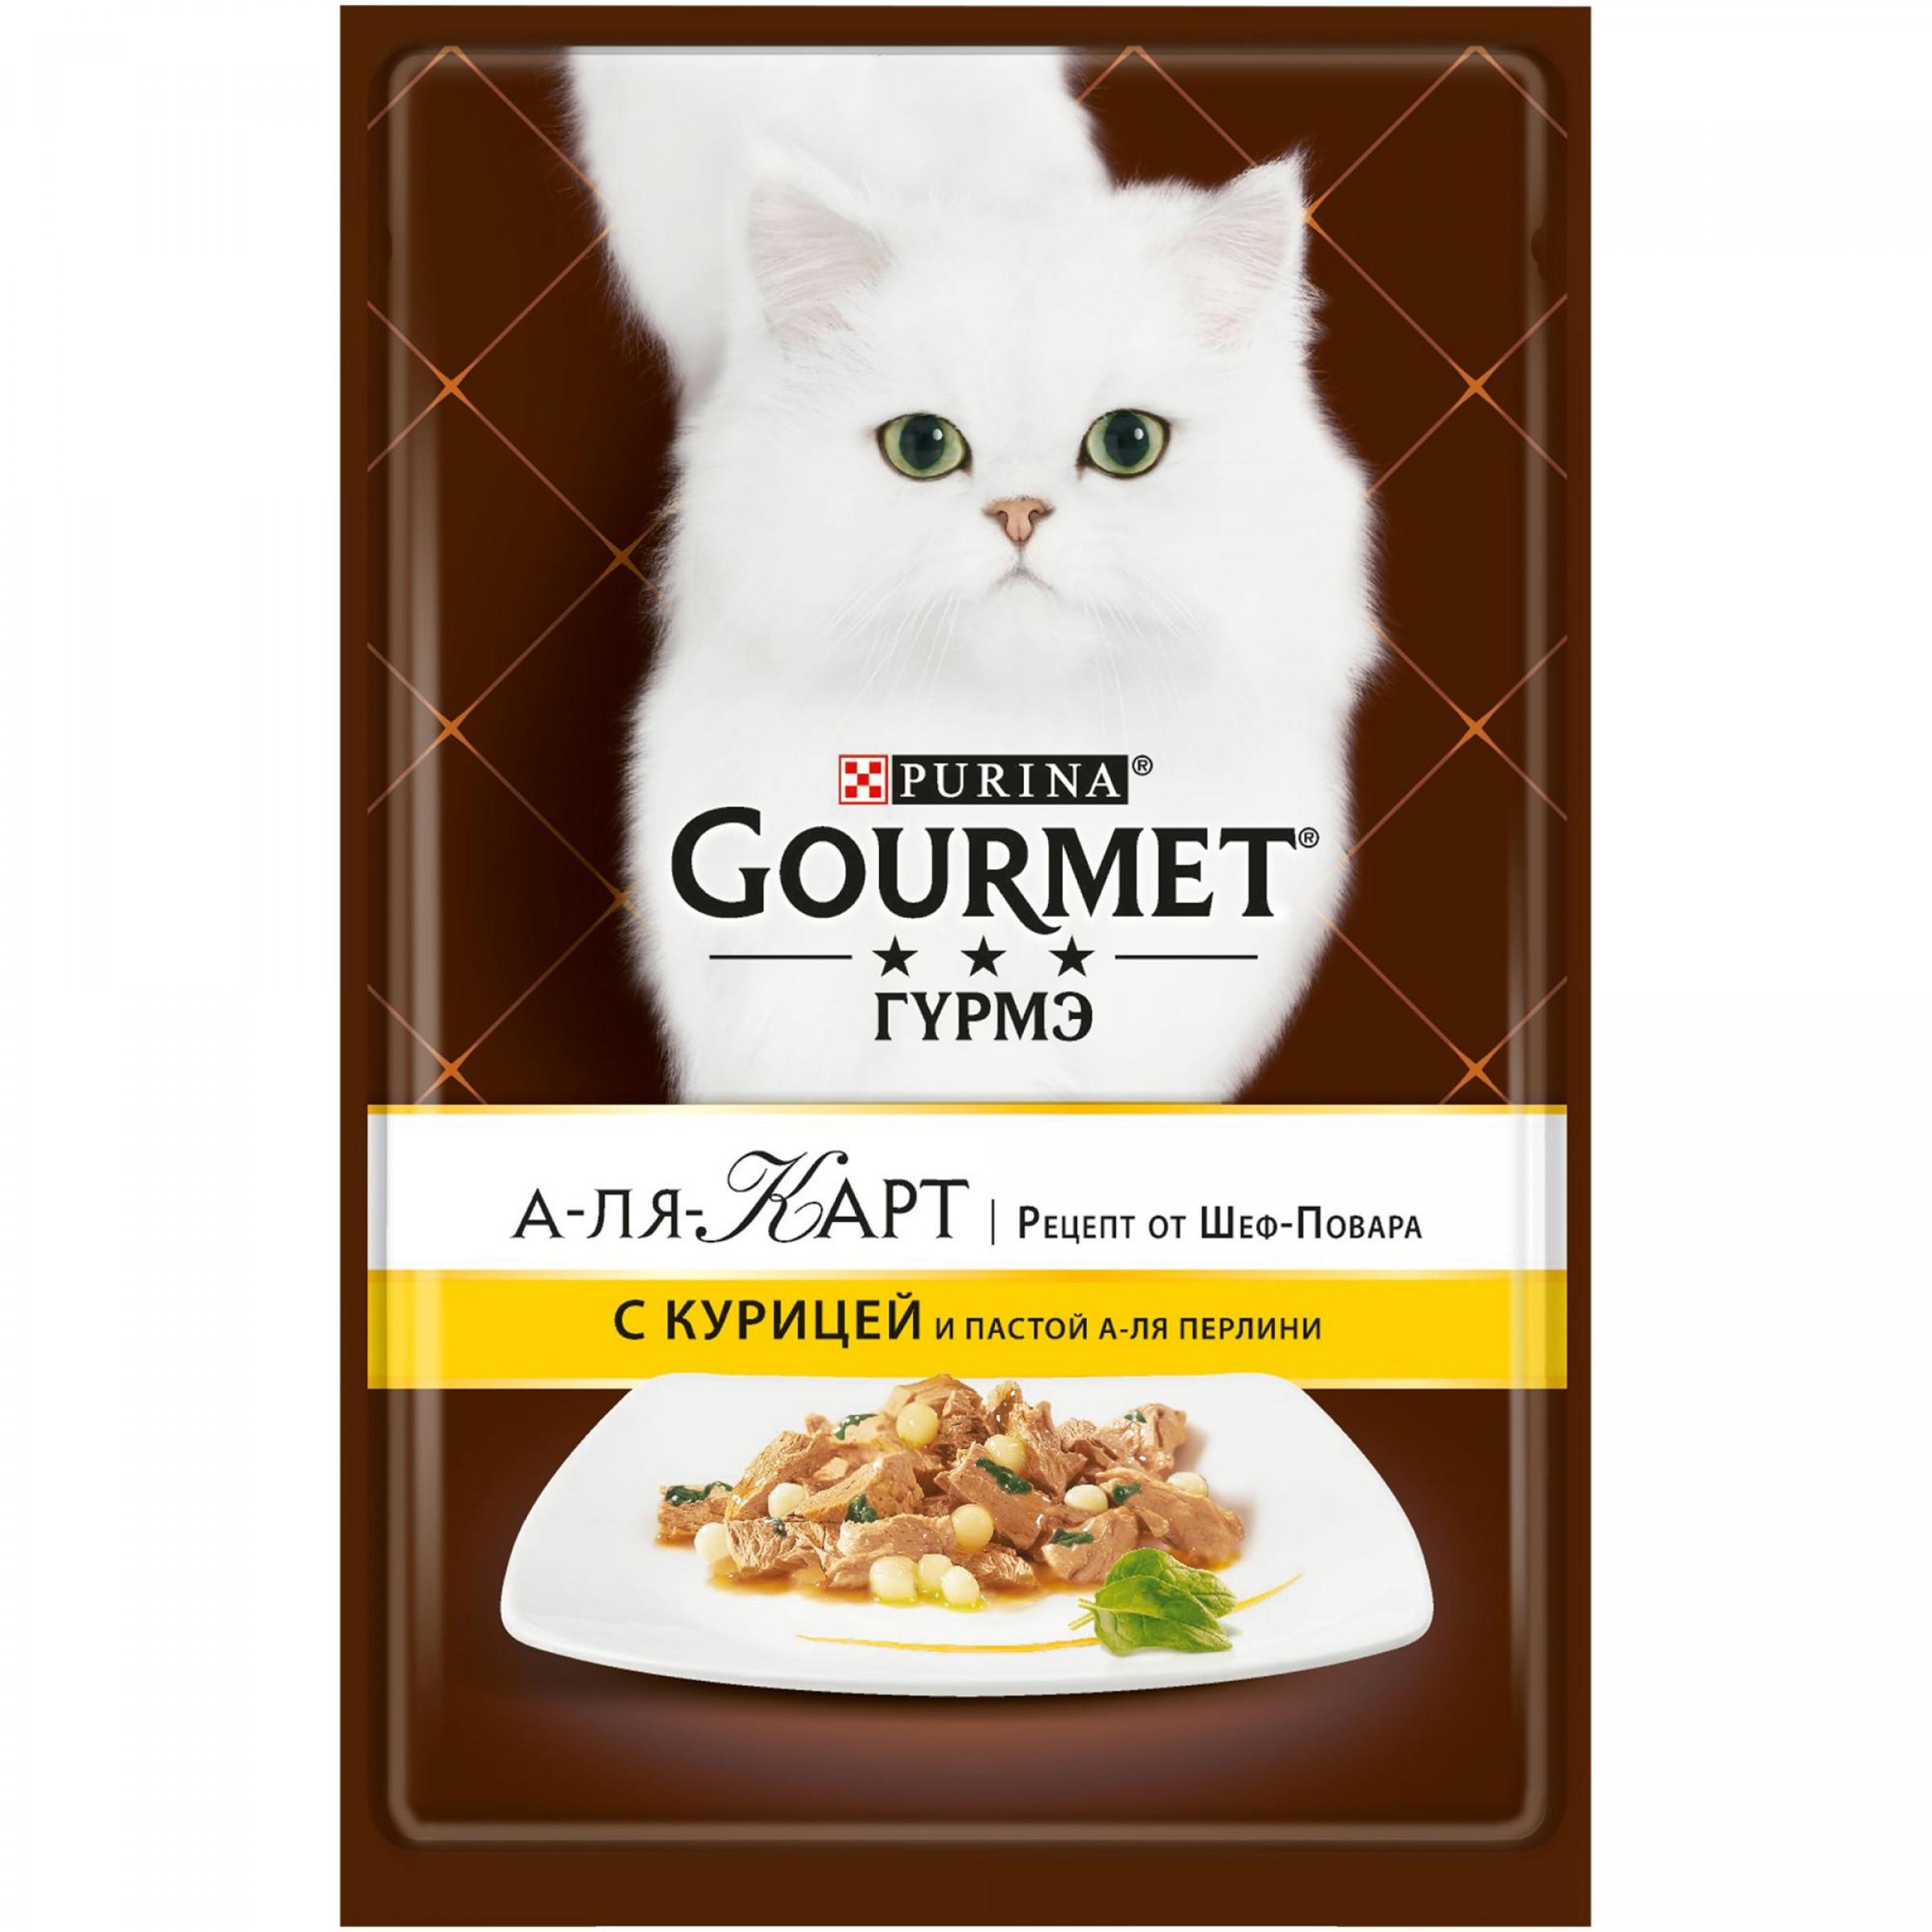 Влажный корм Gourmet A la Carte для кошек с курицей и пастой a la Perline и шпинатом, 85 гр